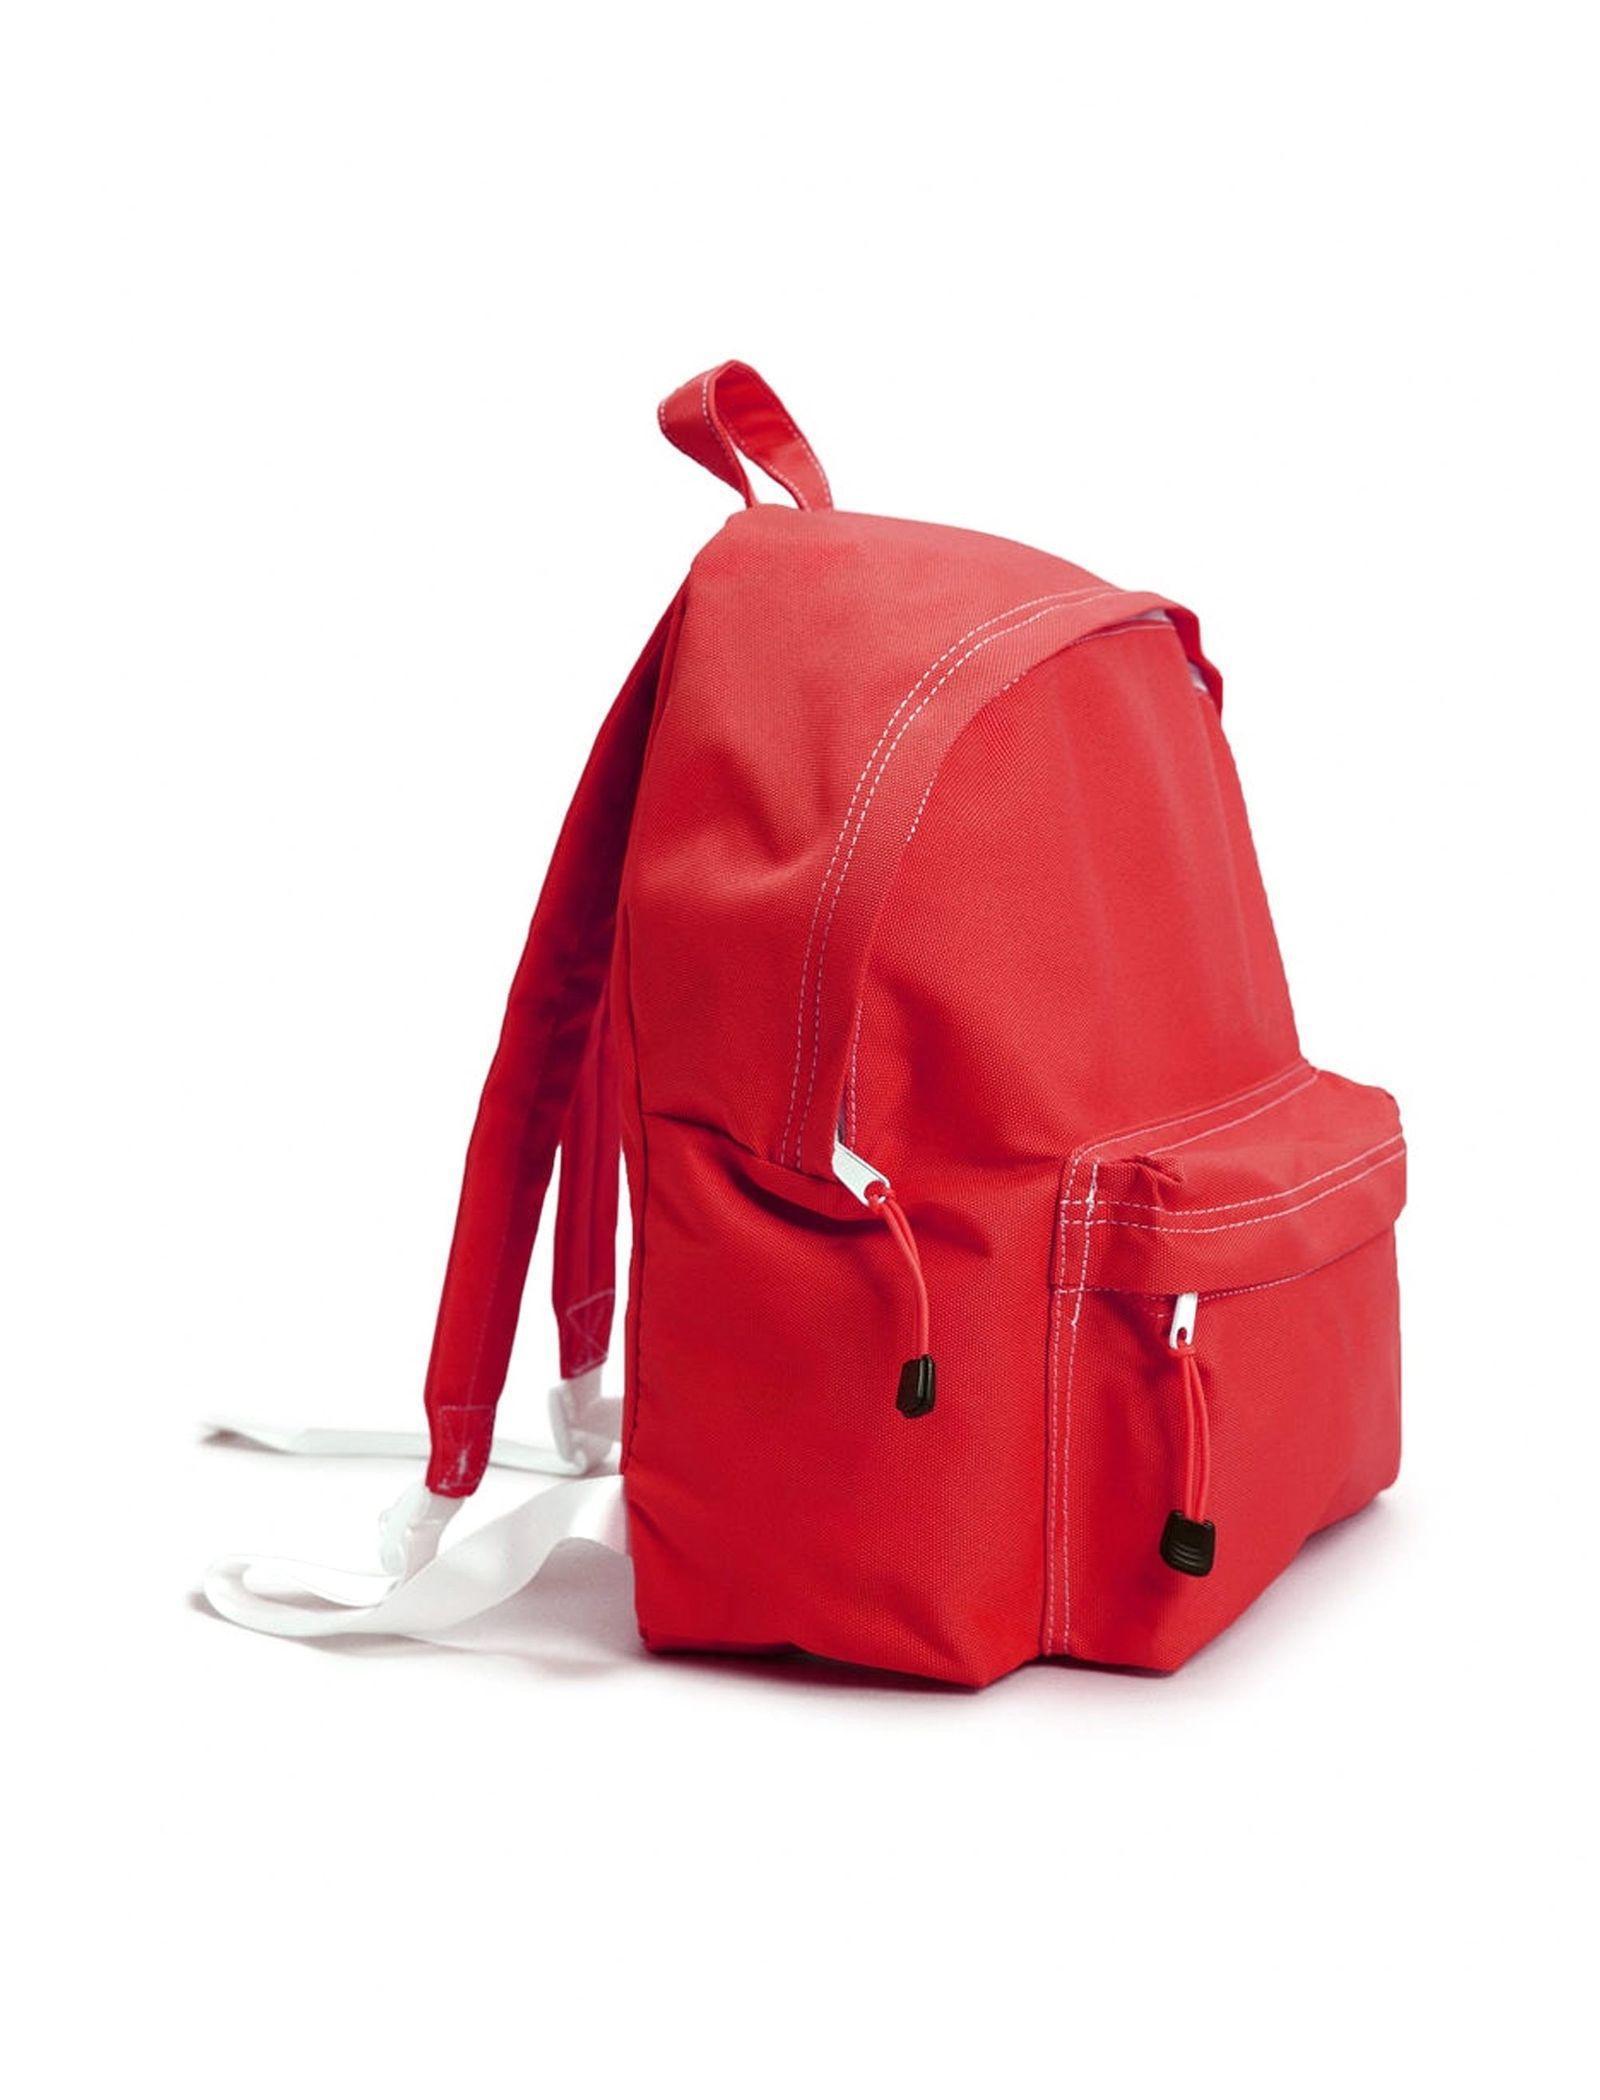 کوله پشتی روزمره مردانه - مانگو تک سایز - قرمز - 2